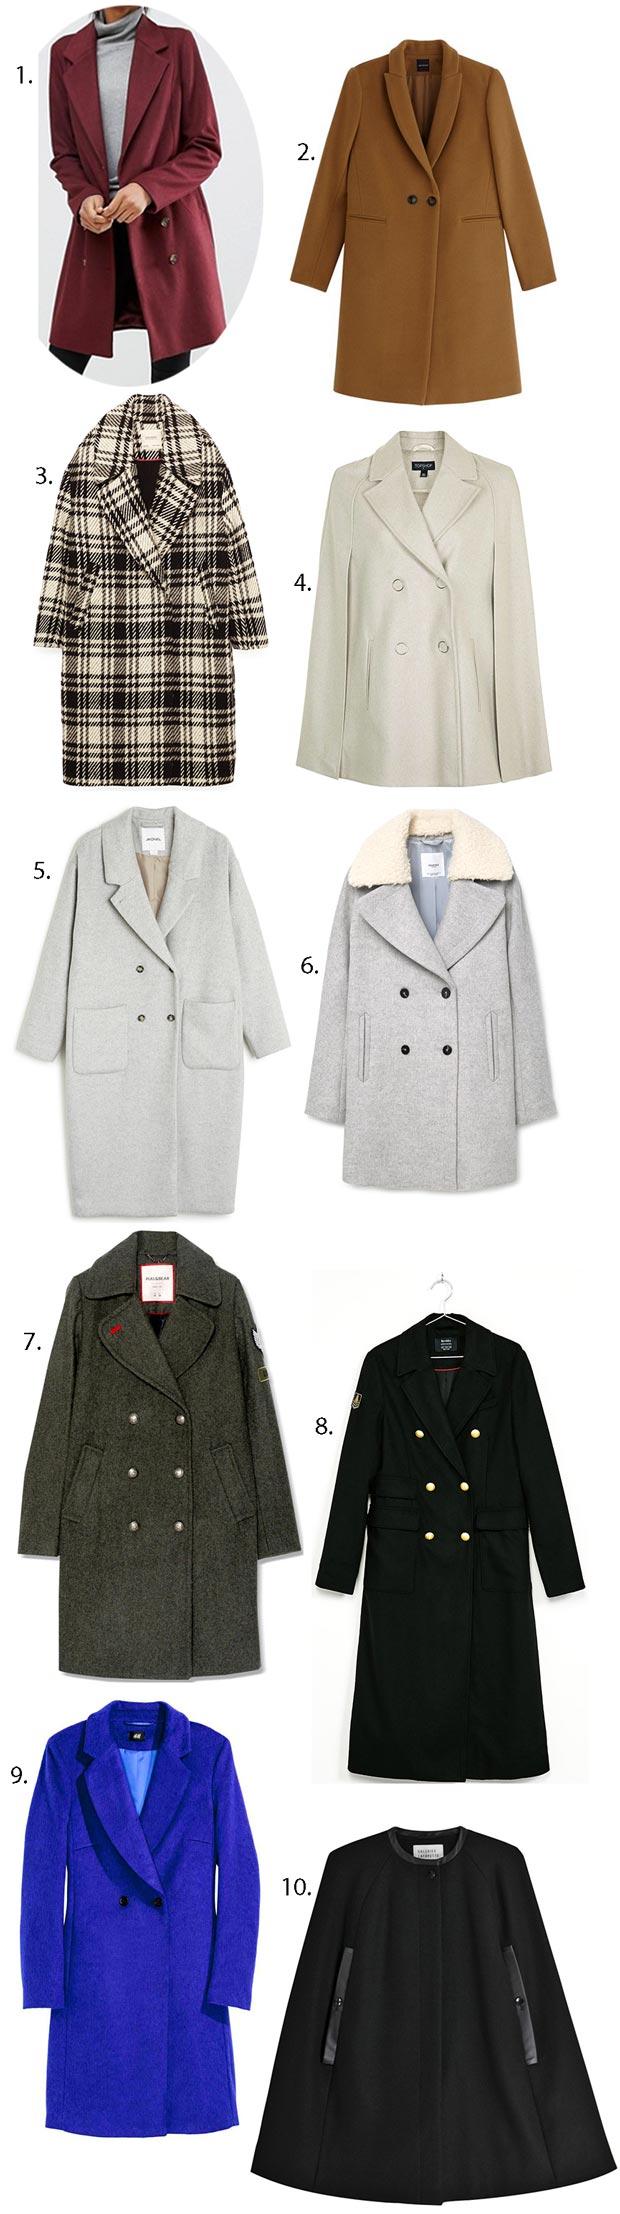 selection-manteaux-elegants